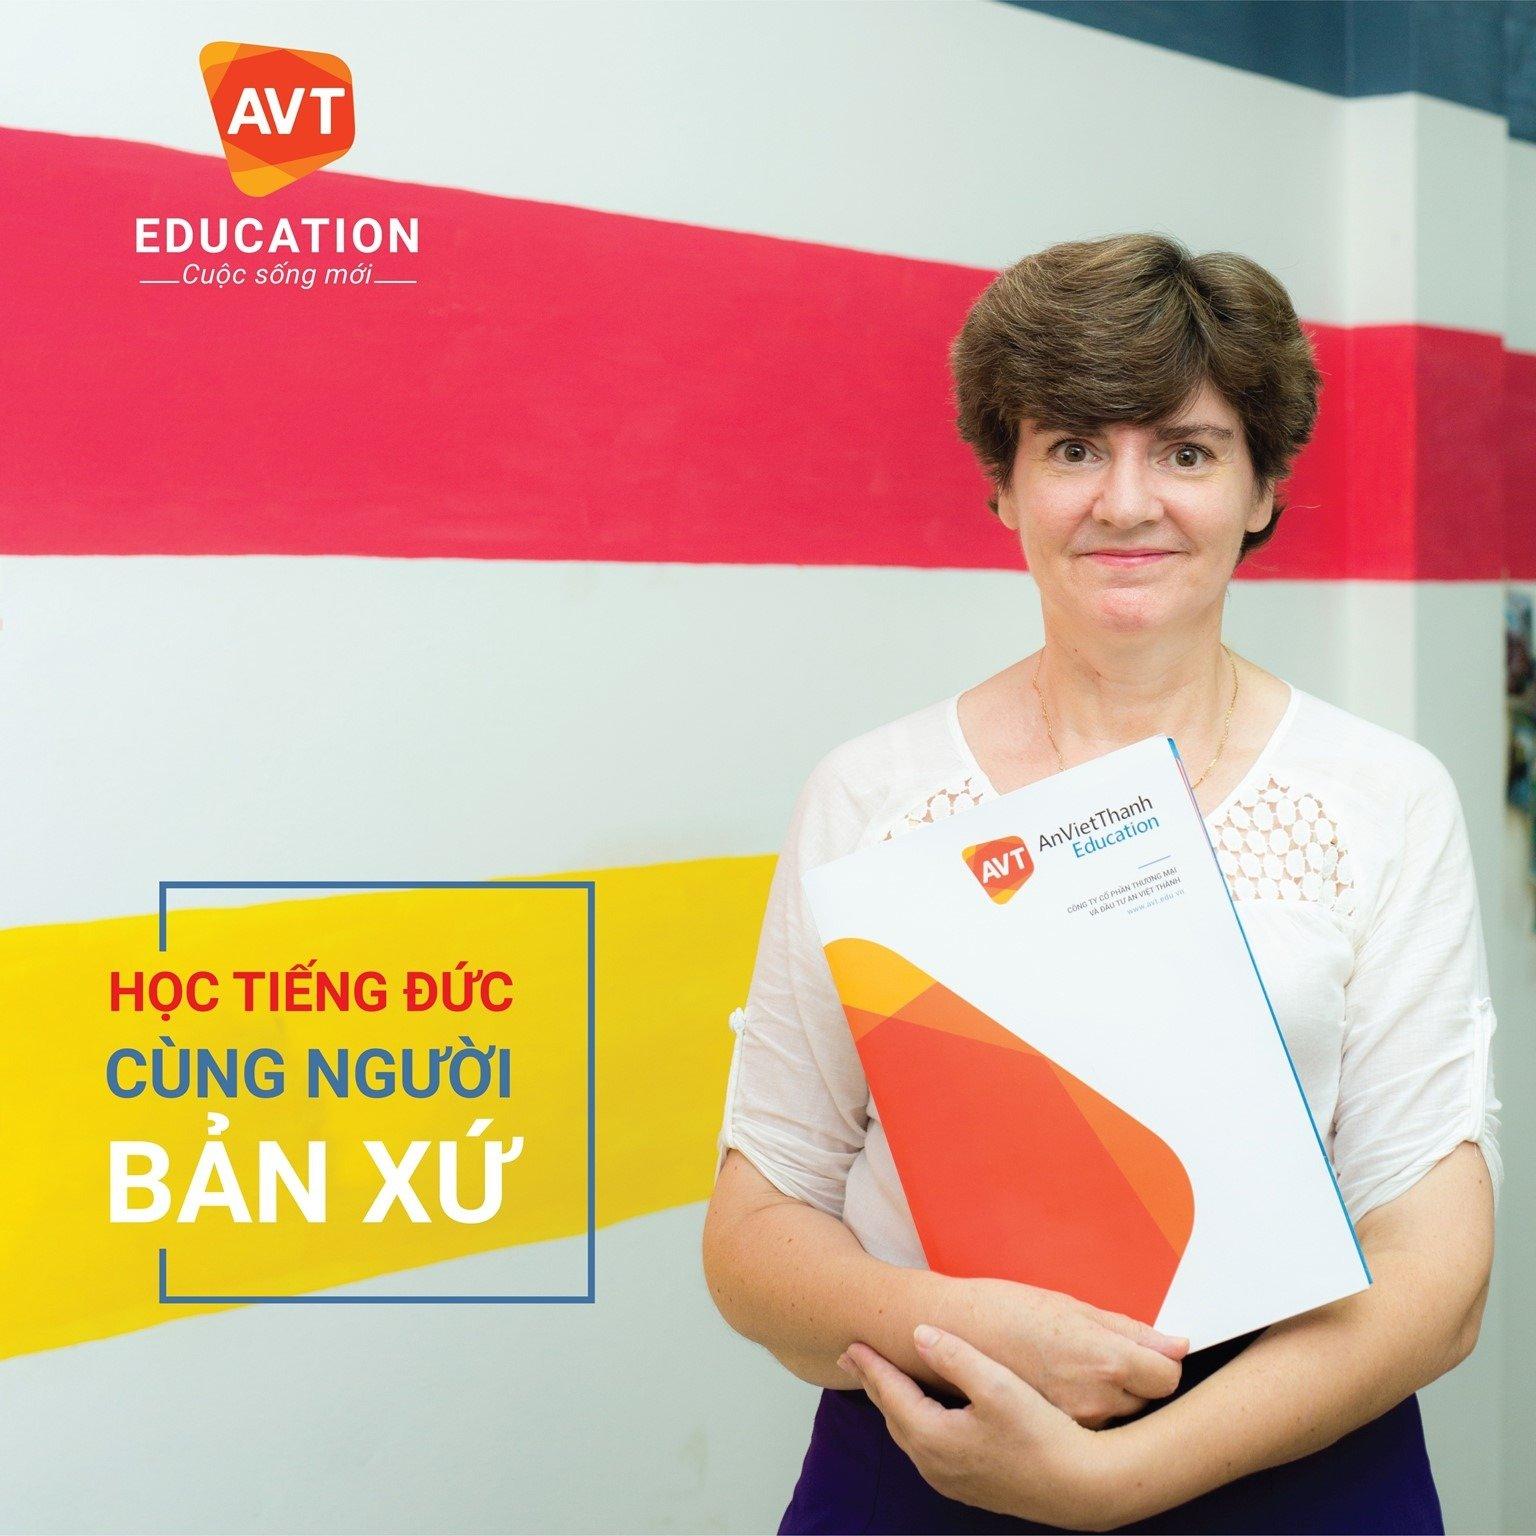 Học tiếng Đức với người bản địa tại AVT Education